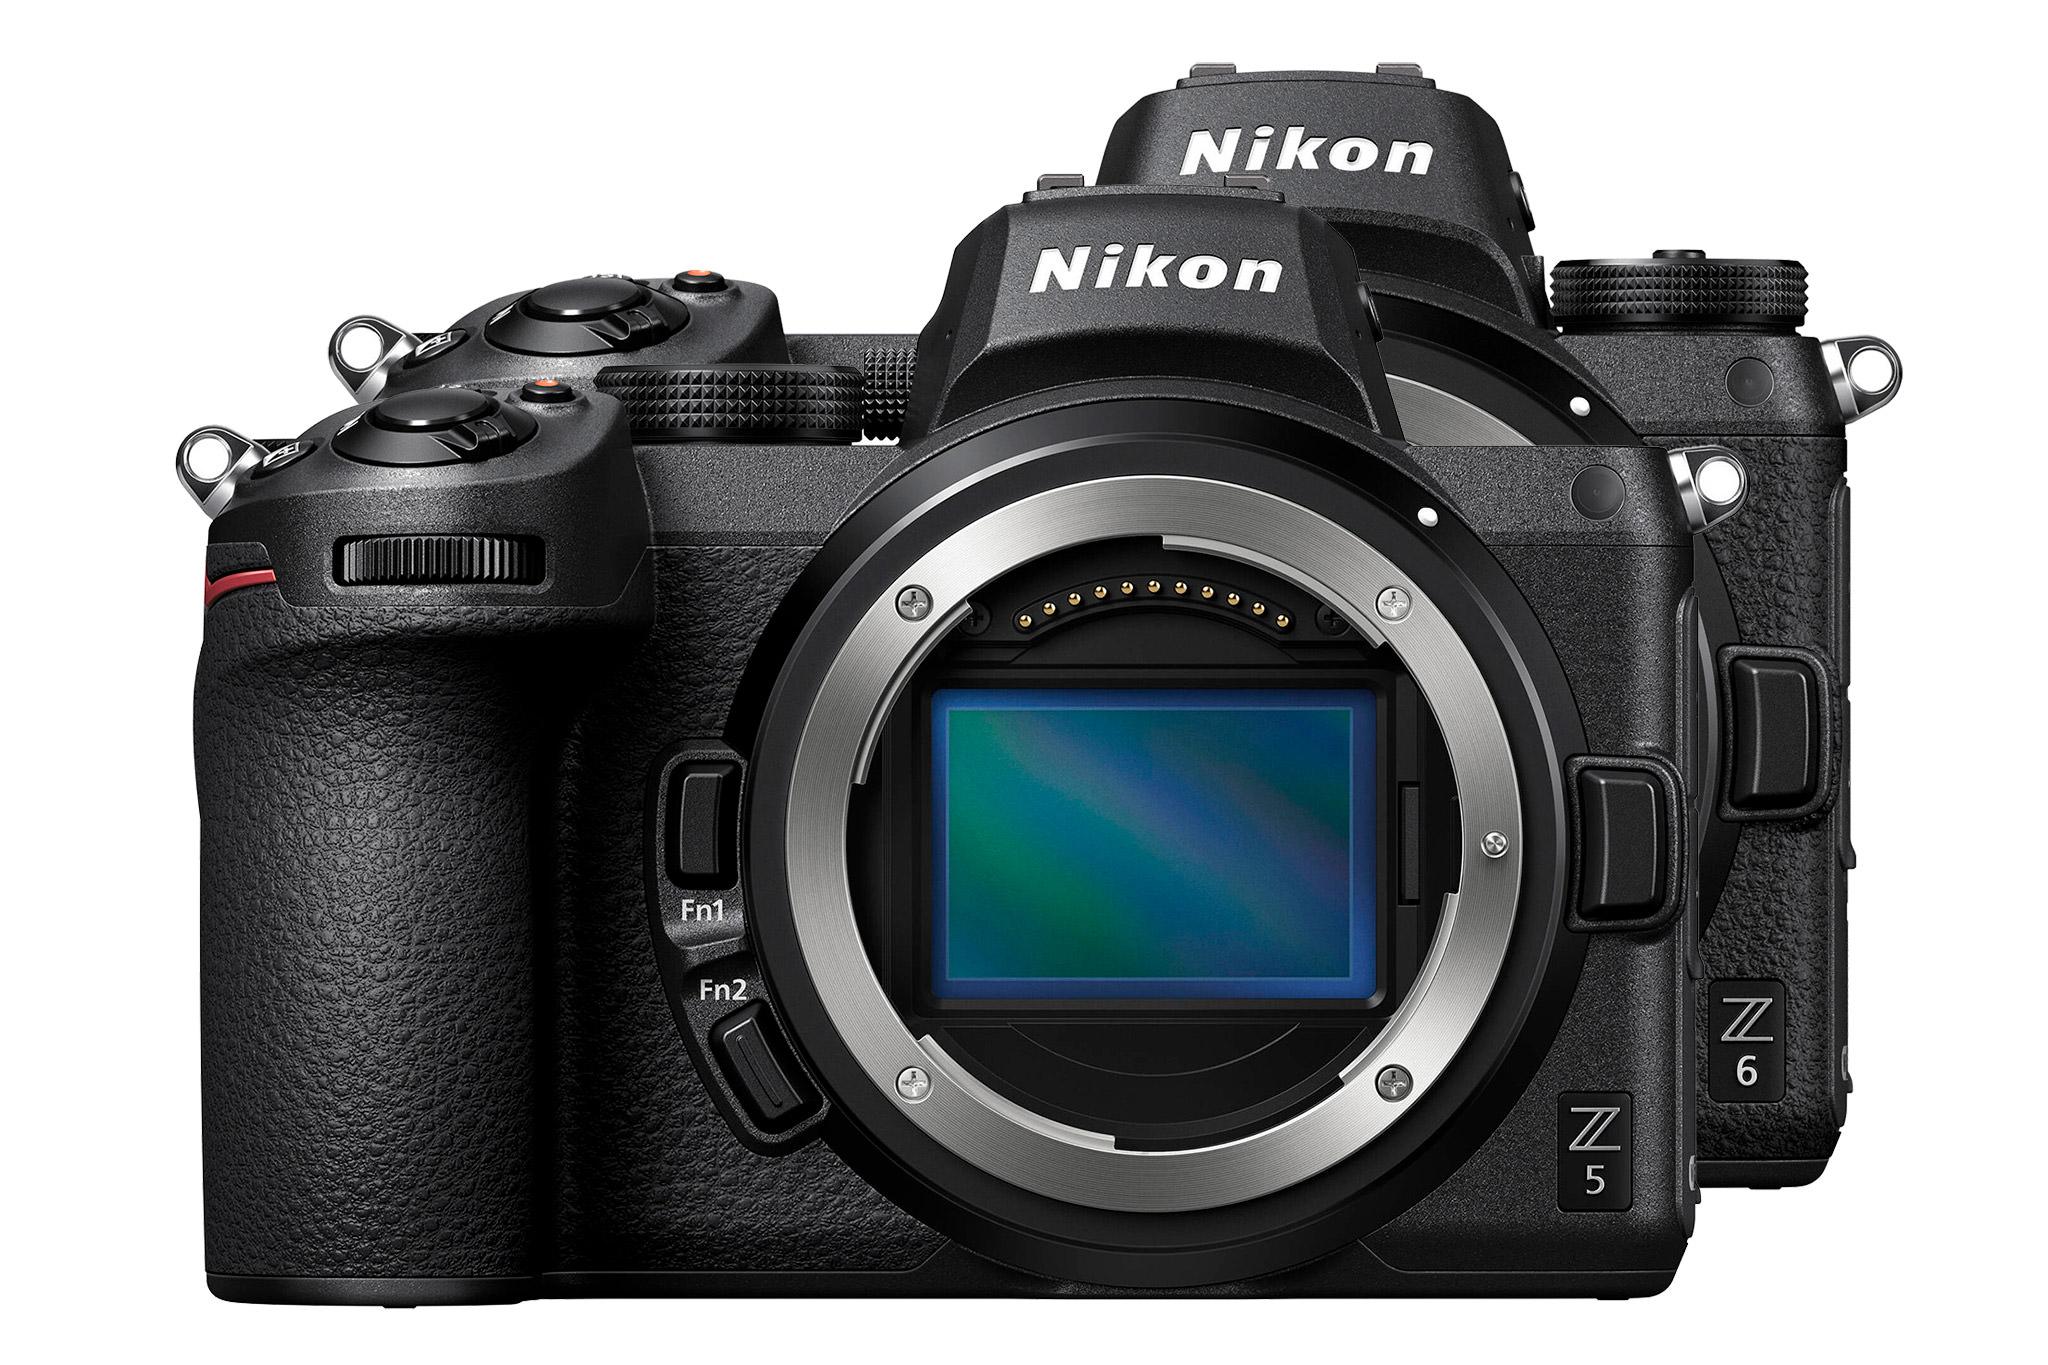 photographylife.com